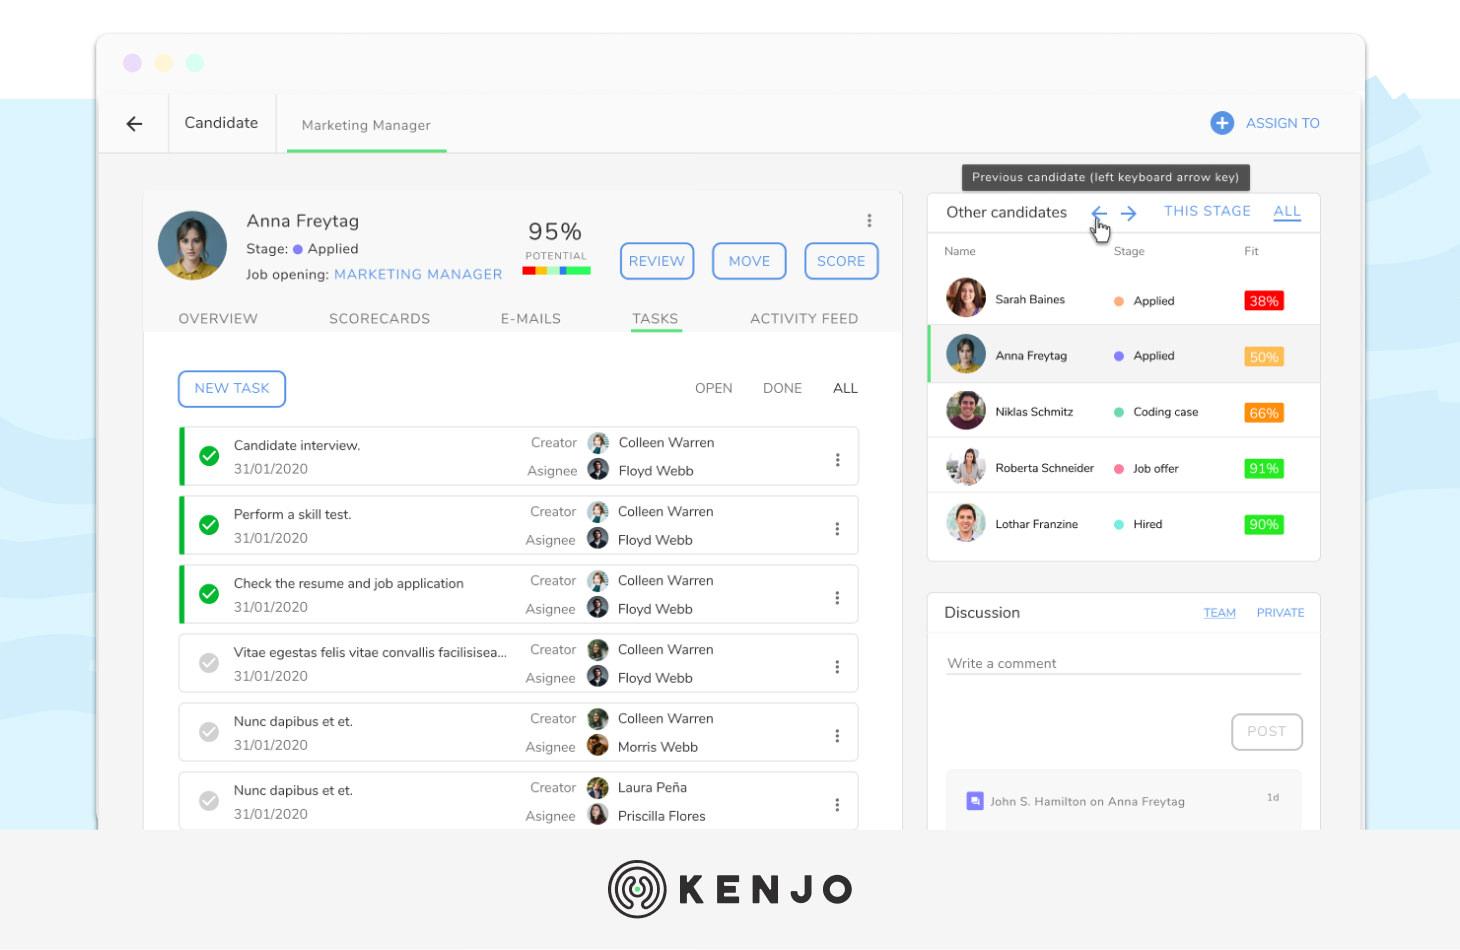 interface del software ATS de Kenjo